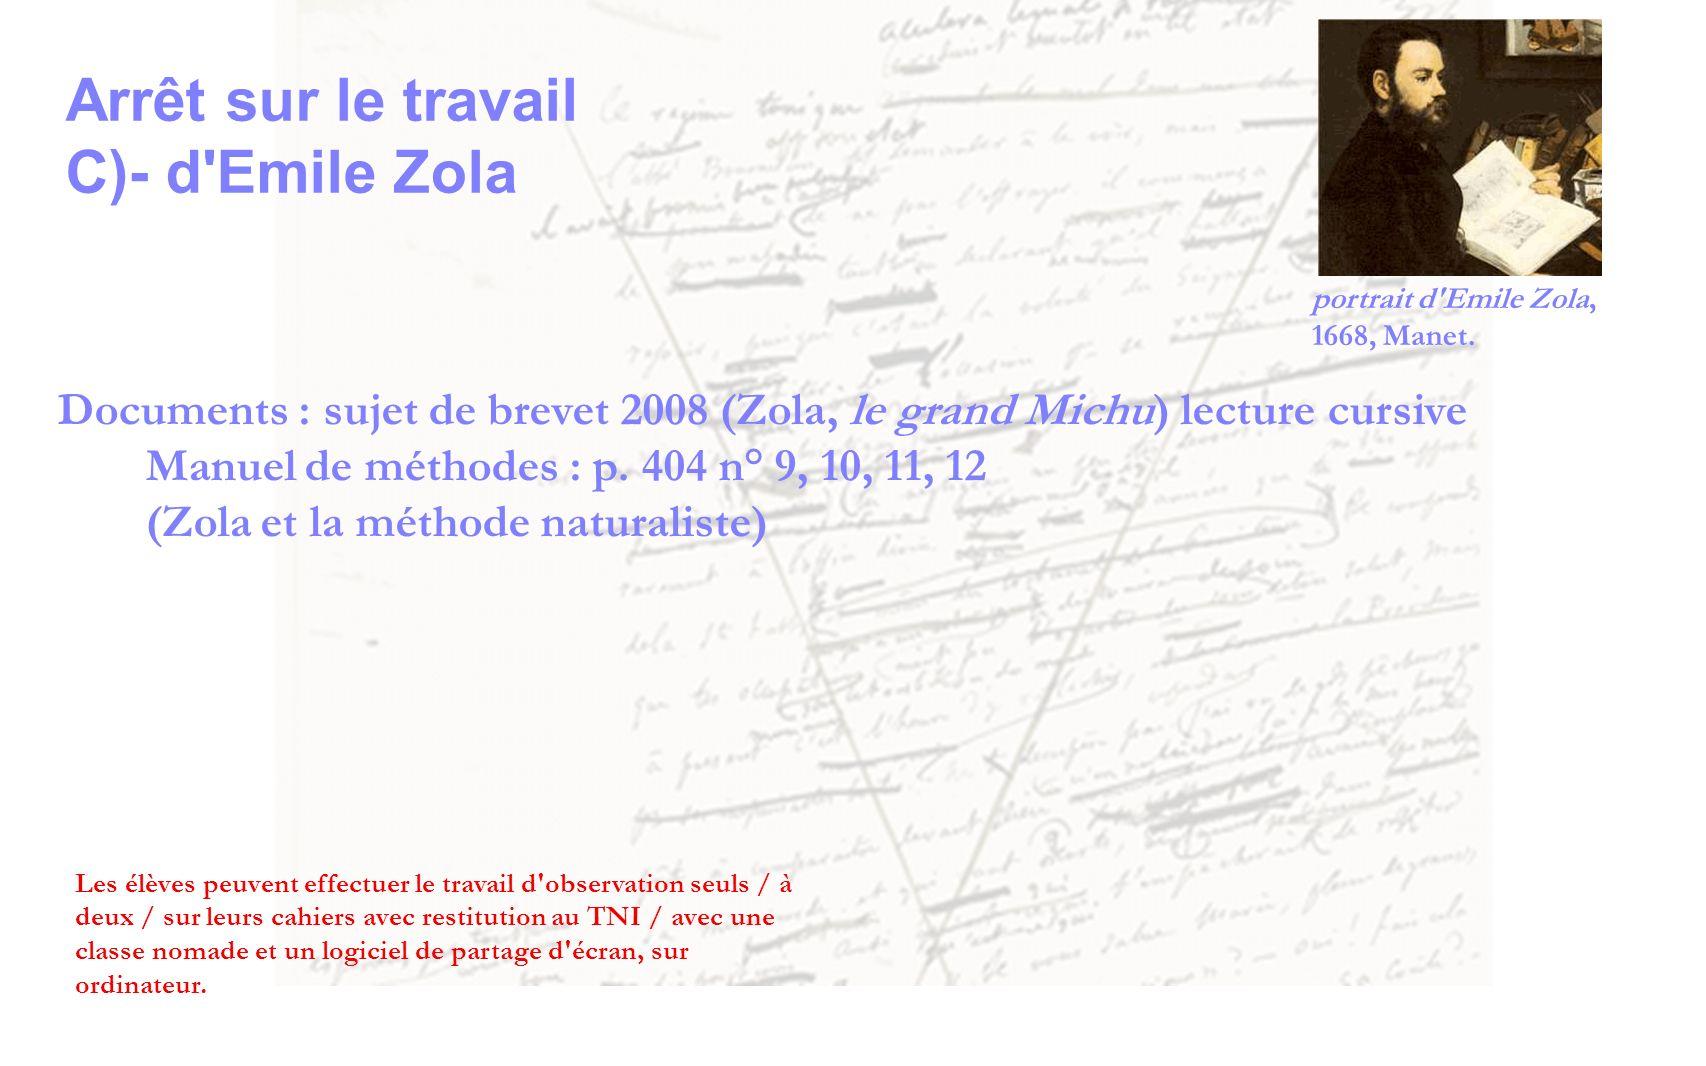 Arrêt sur le travail C)- d Emile Zola